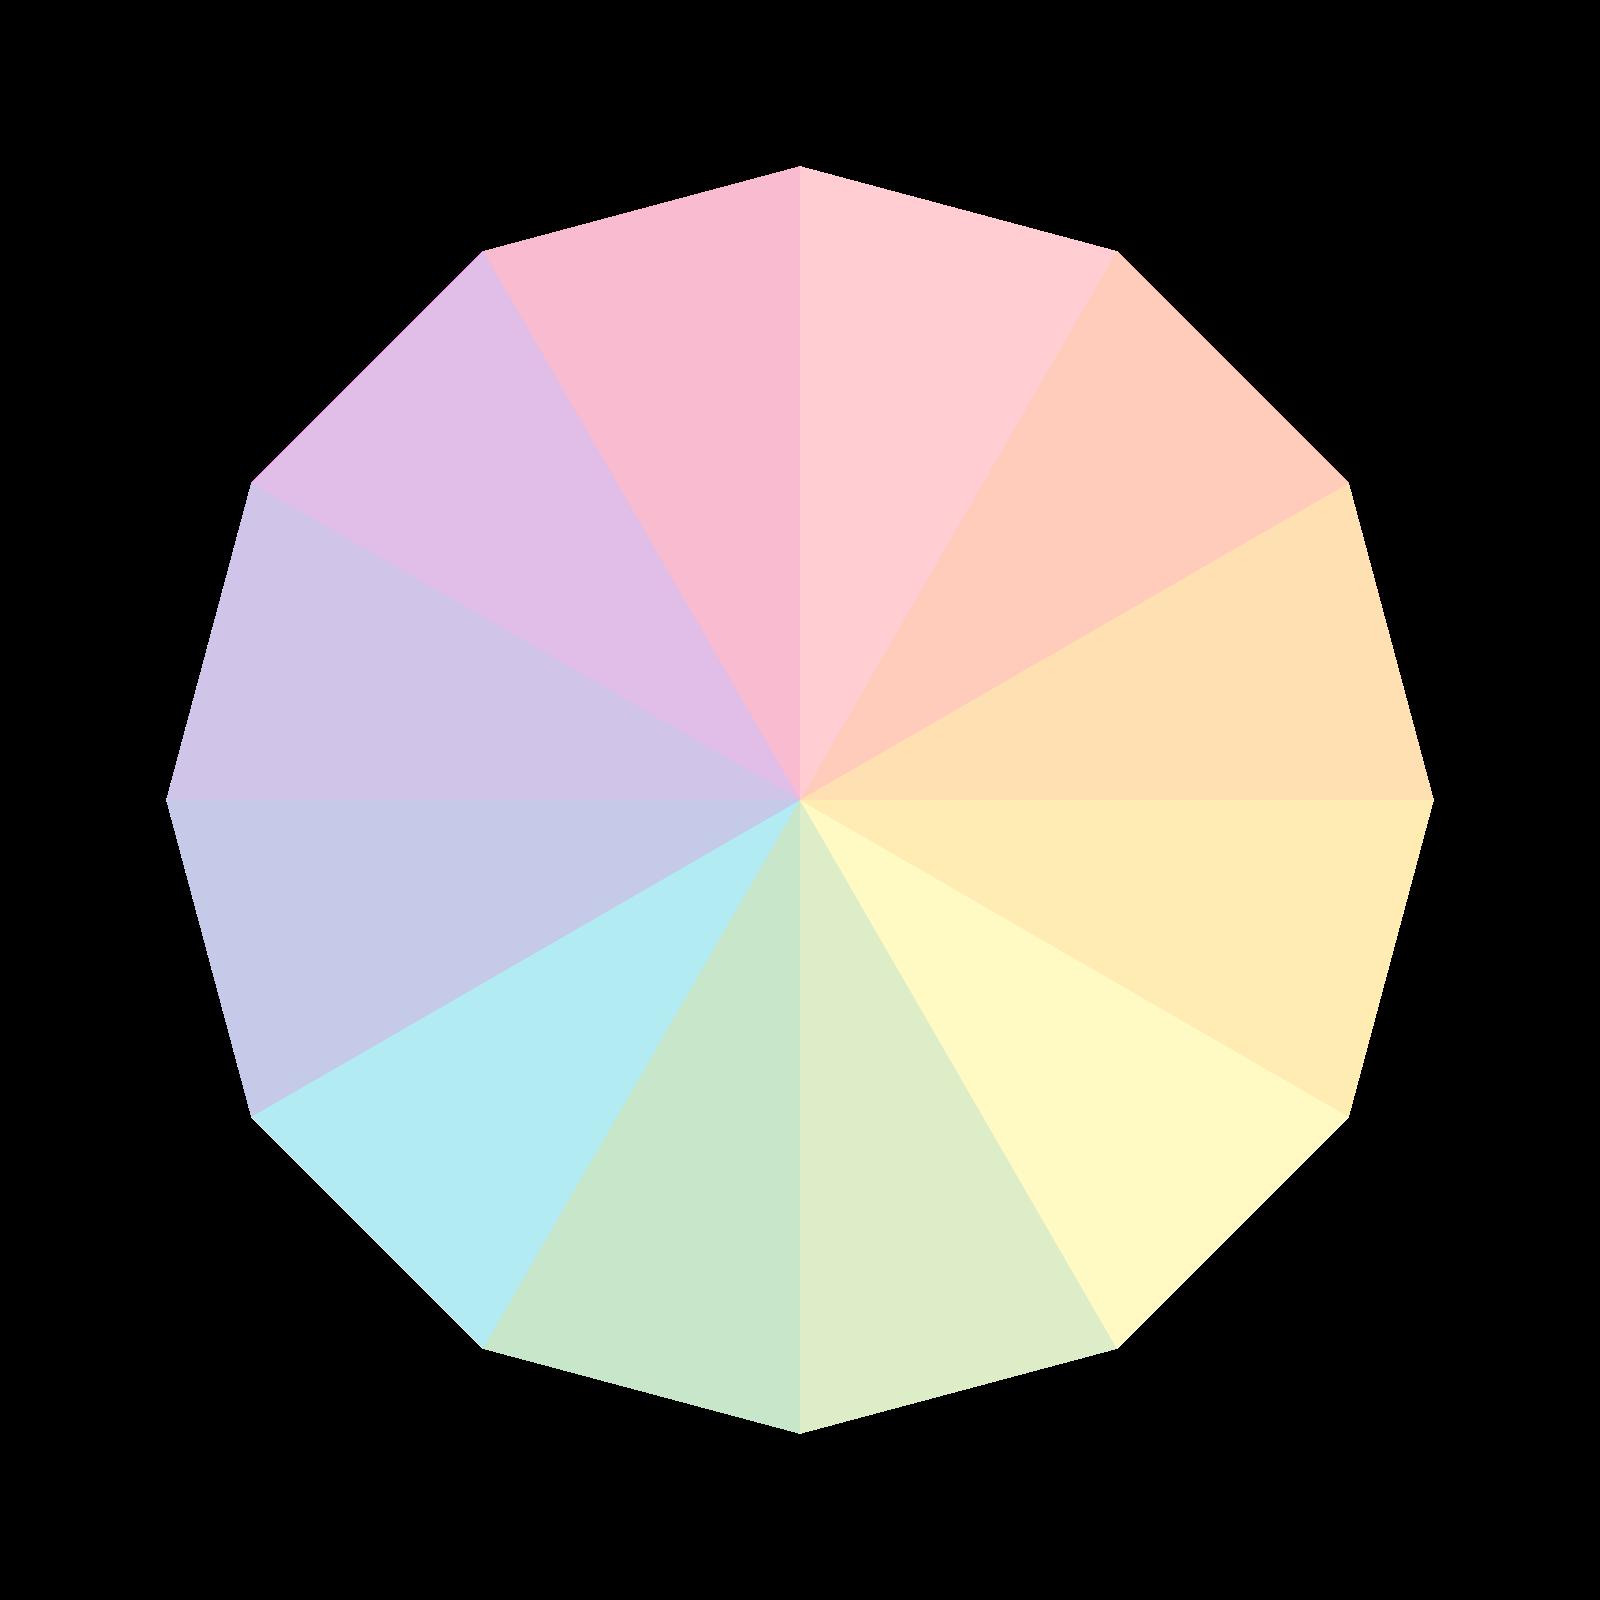 RGBサークル3 icon